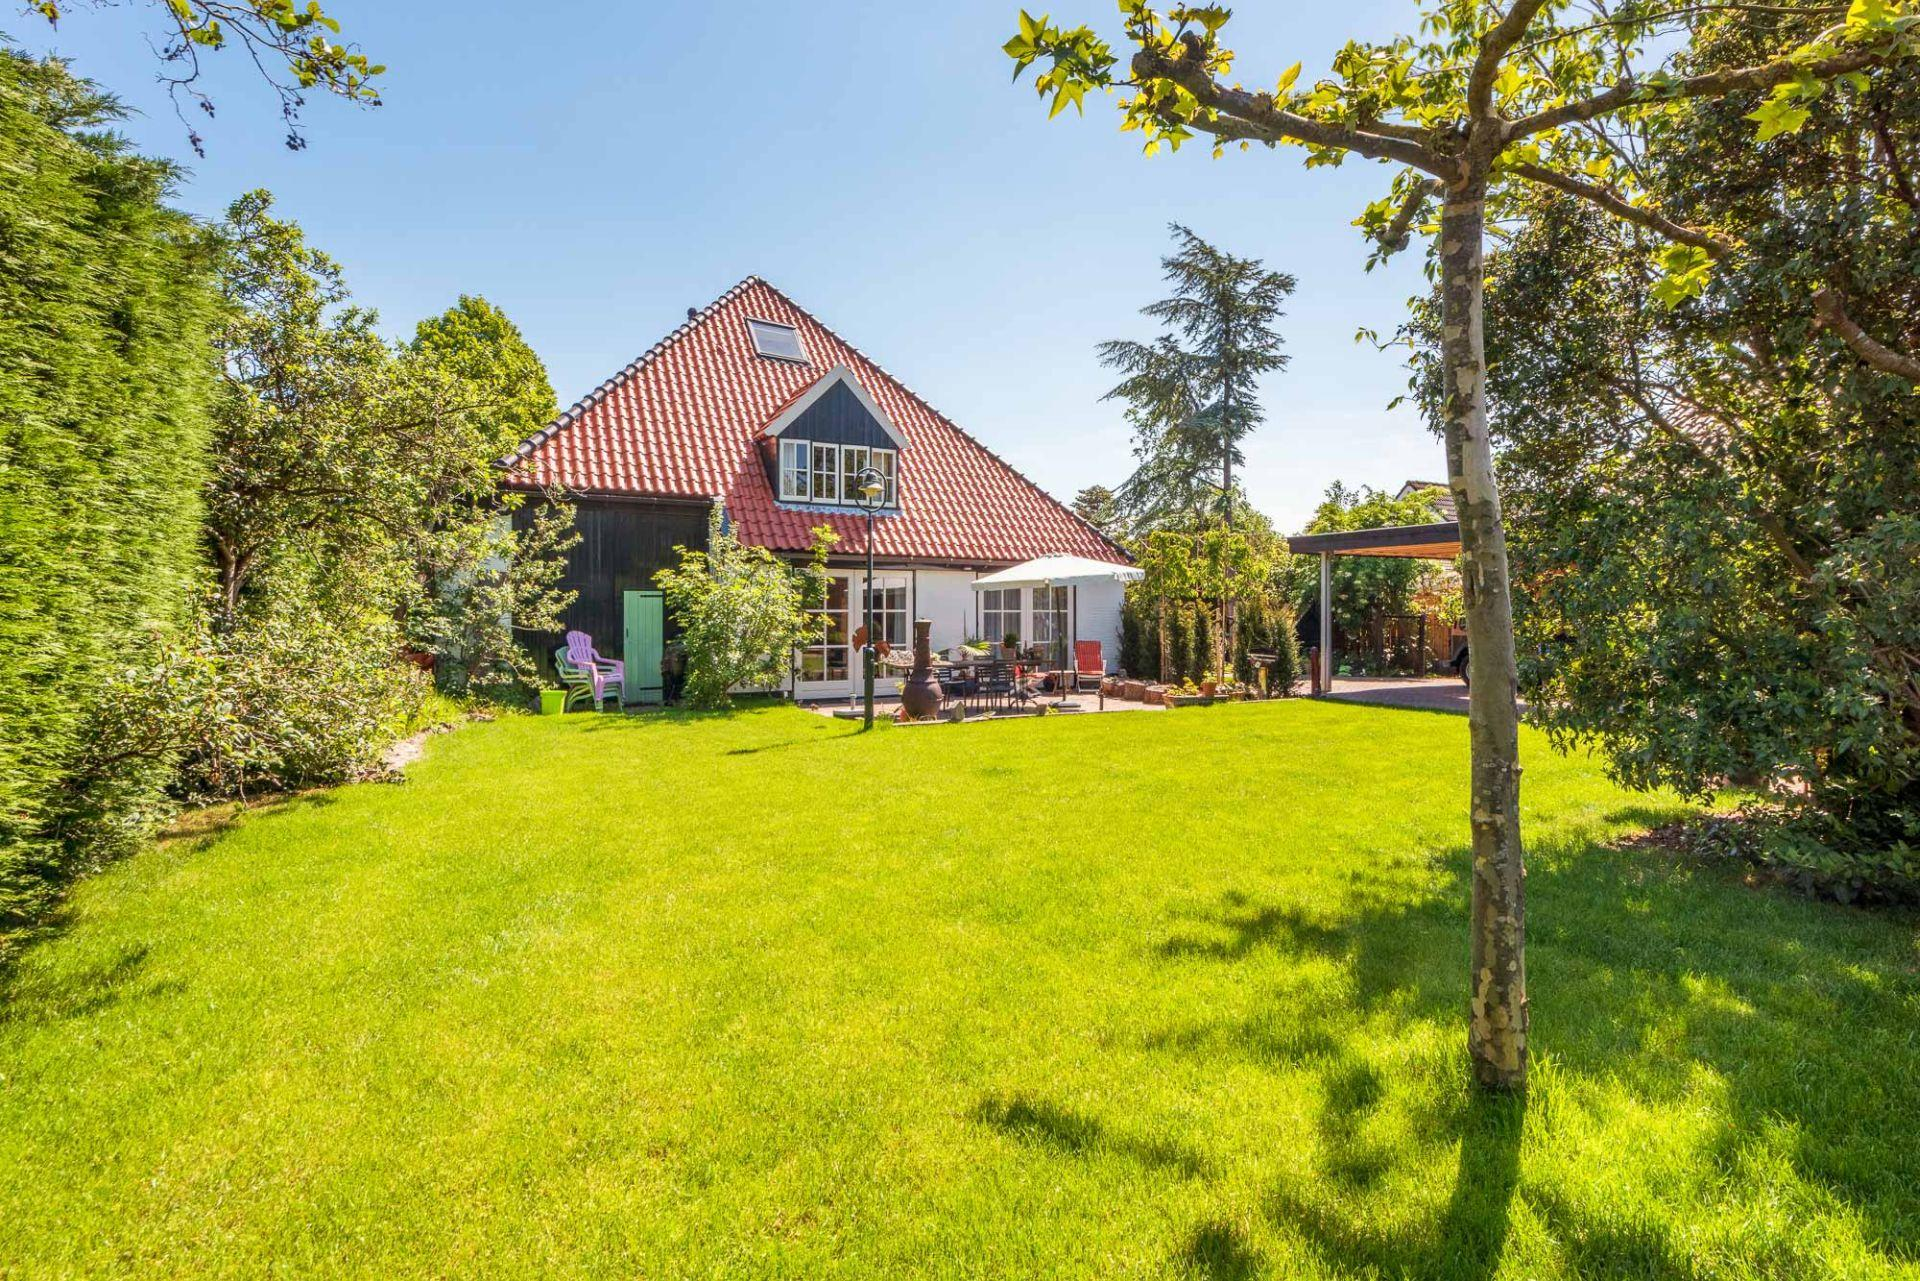 Prachtige stolpboerderij voor 6 personen in Bergen, 5 km van het strand.